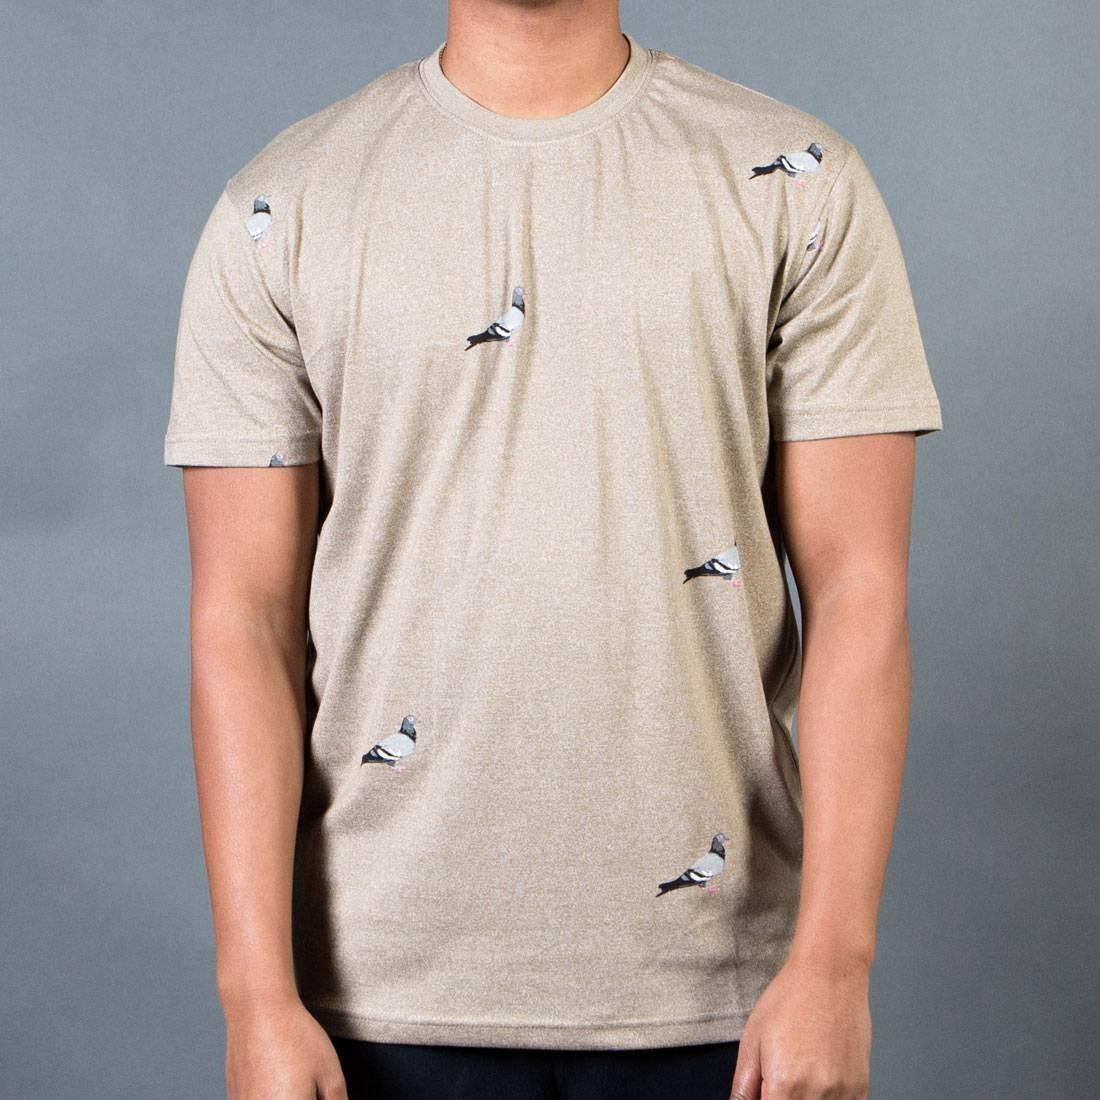 Tシャツ 灰色 グレー グレイ ヘザー 【 GRAY HEATHER STAPLE MEN ALL OVER PIGEON TEE 】 メンズファッション トップス Tシャツ カットソー